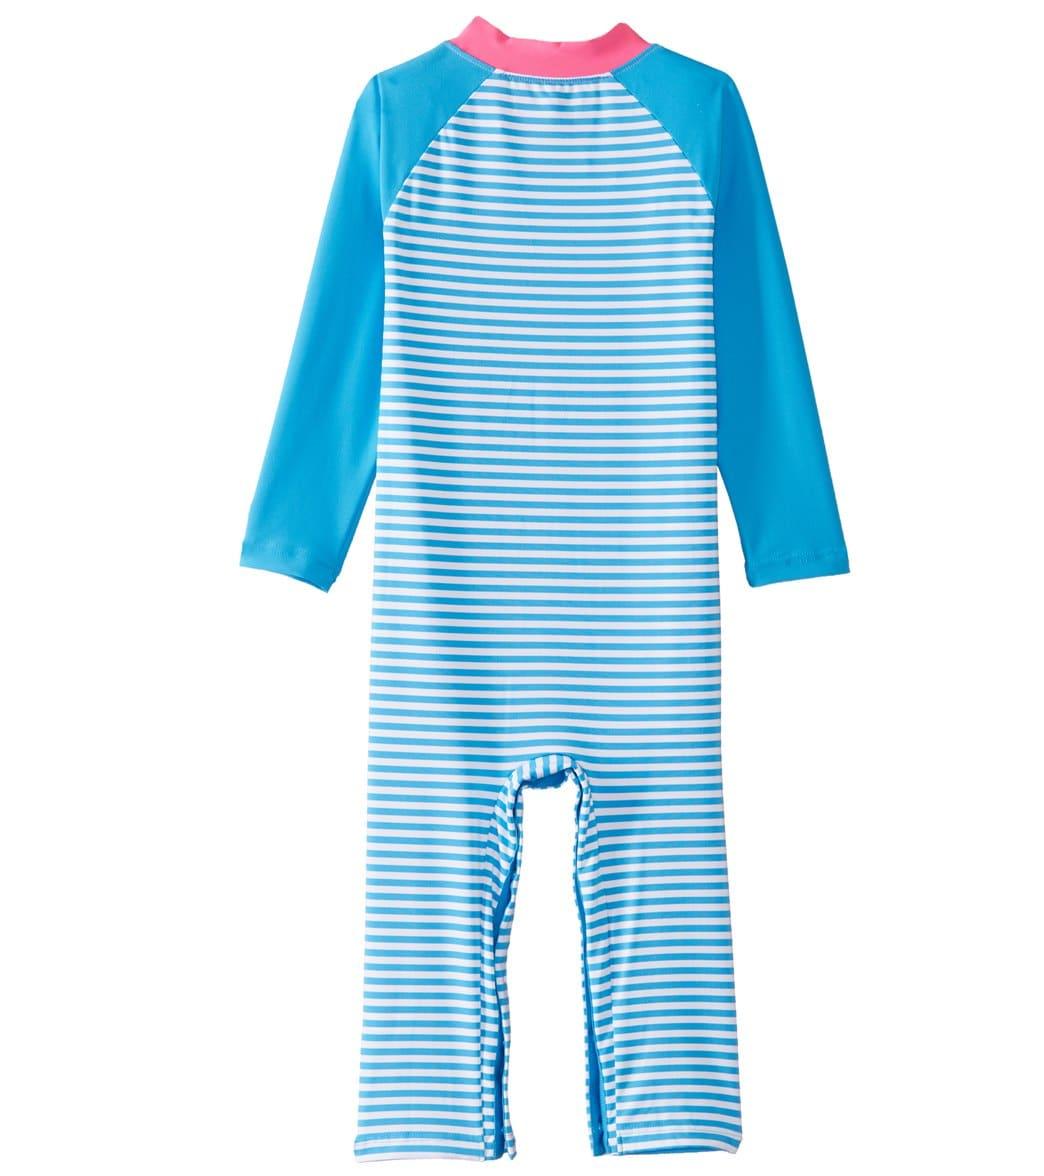 b42b51d9b736d Coolibar Girls' UPF 50+ Beach One Piece Swimsuit (6-24mos) at SwimOutlet.com